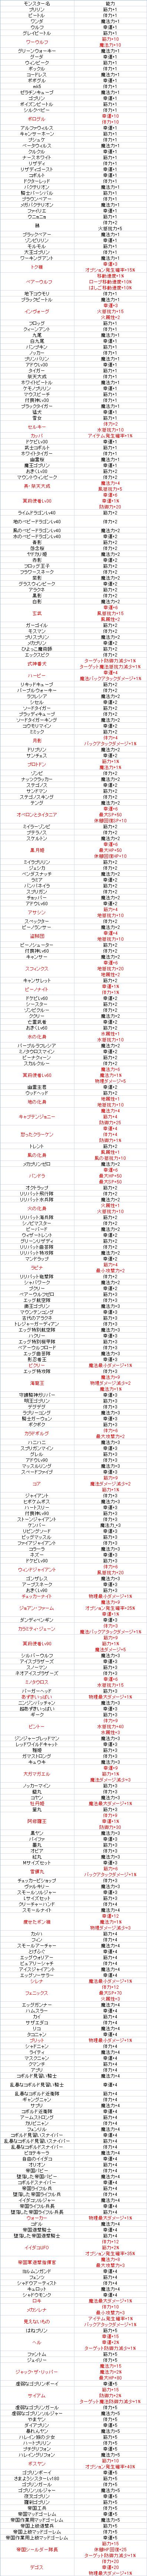 モンスター図鑑A